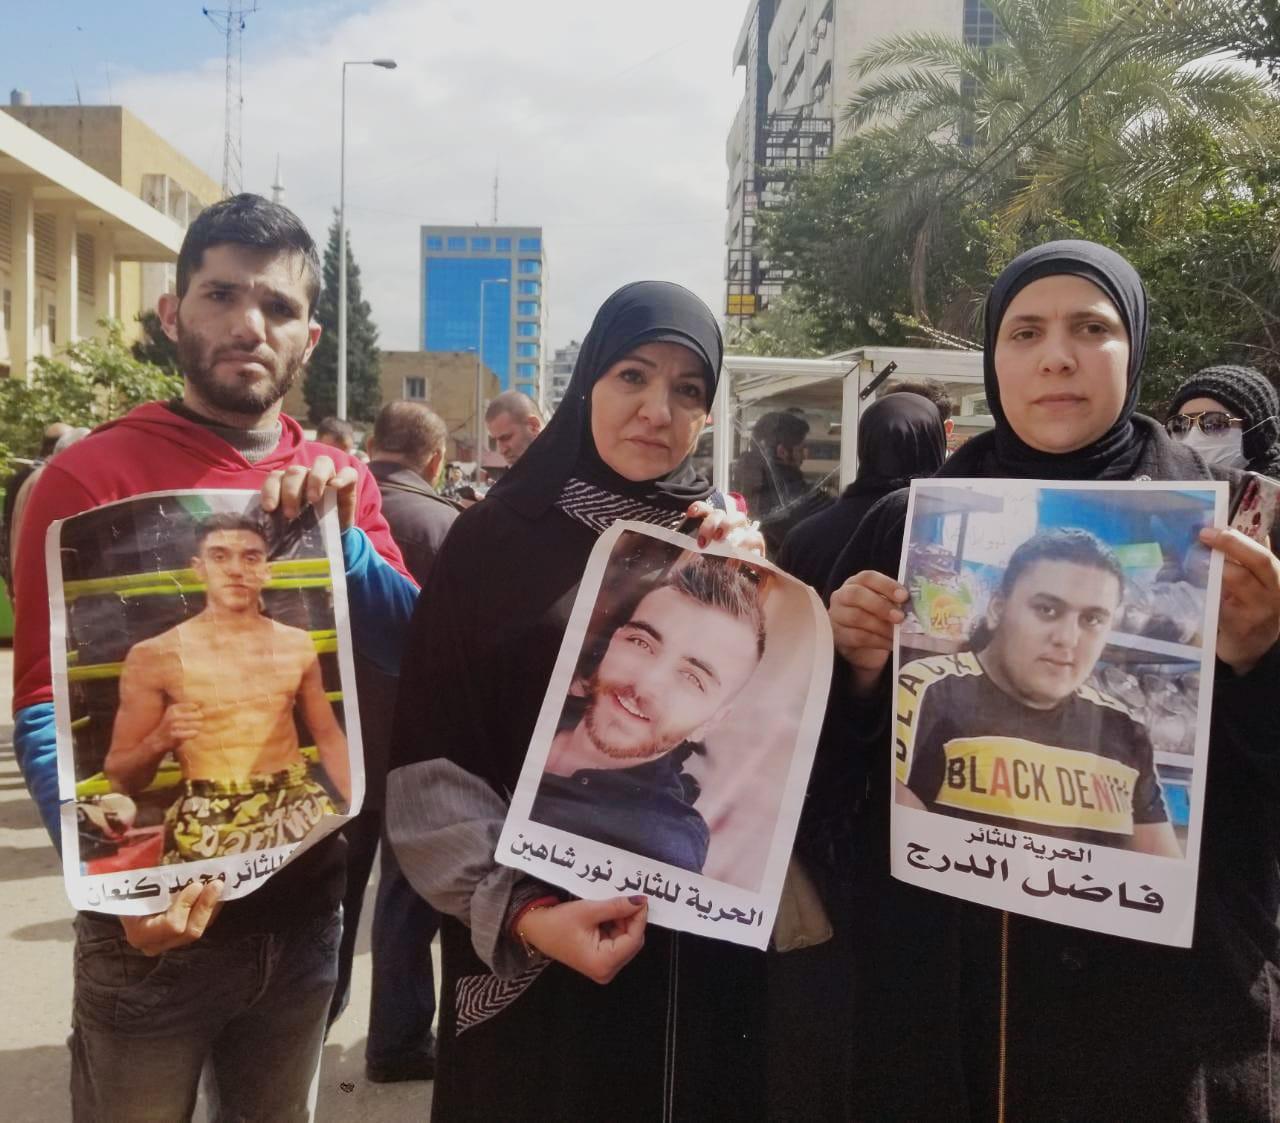 إطلاق موقوف في أحداث الجميزات بطرابلس… وموقوفان آخران يهددان بالإضراب عن الطعام